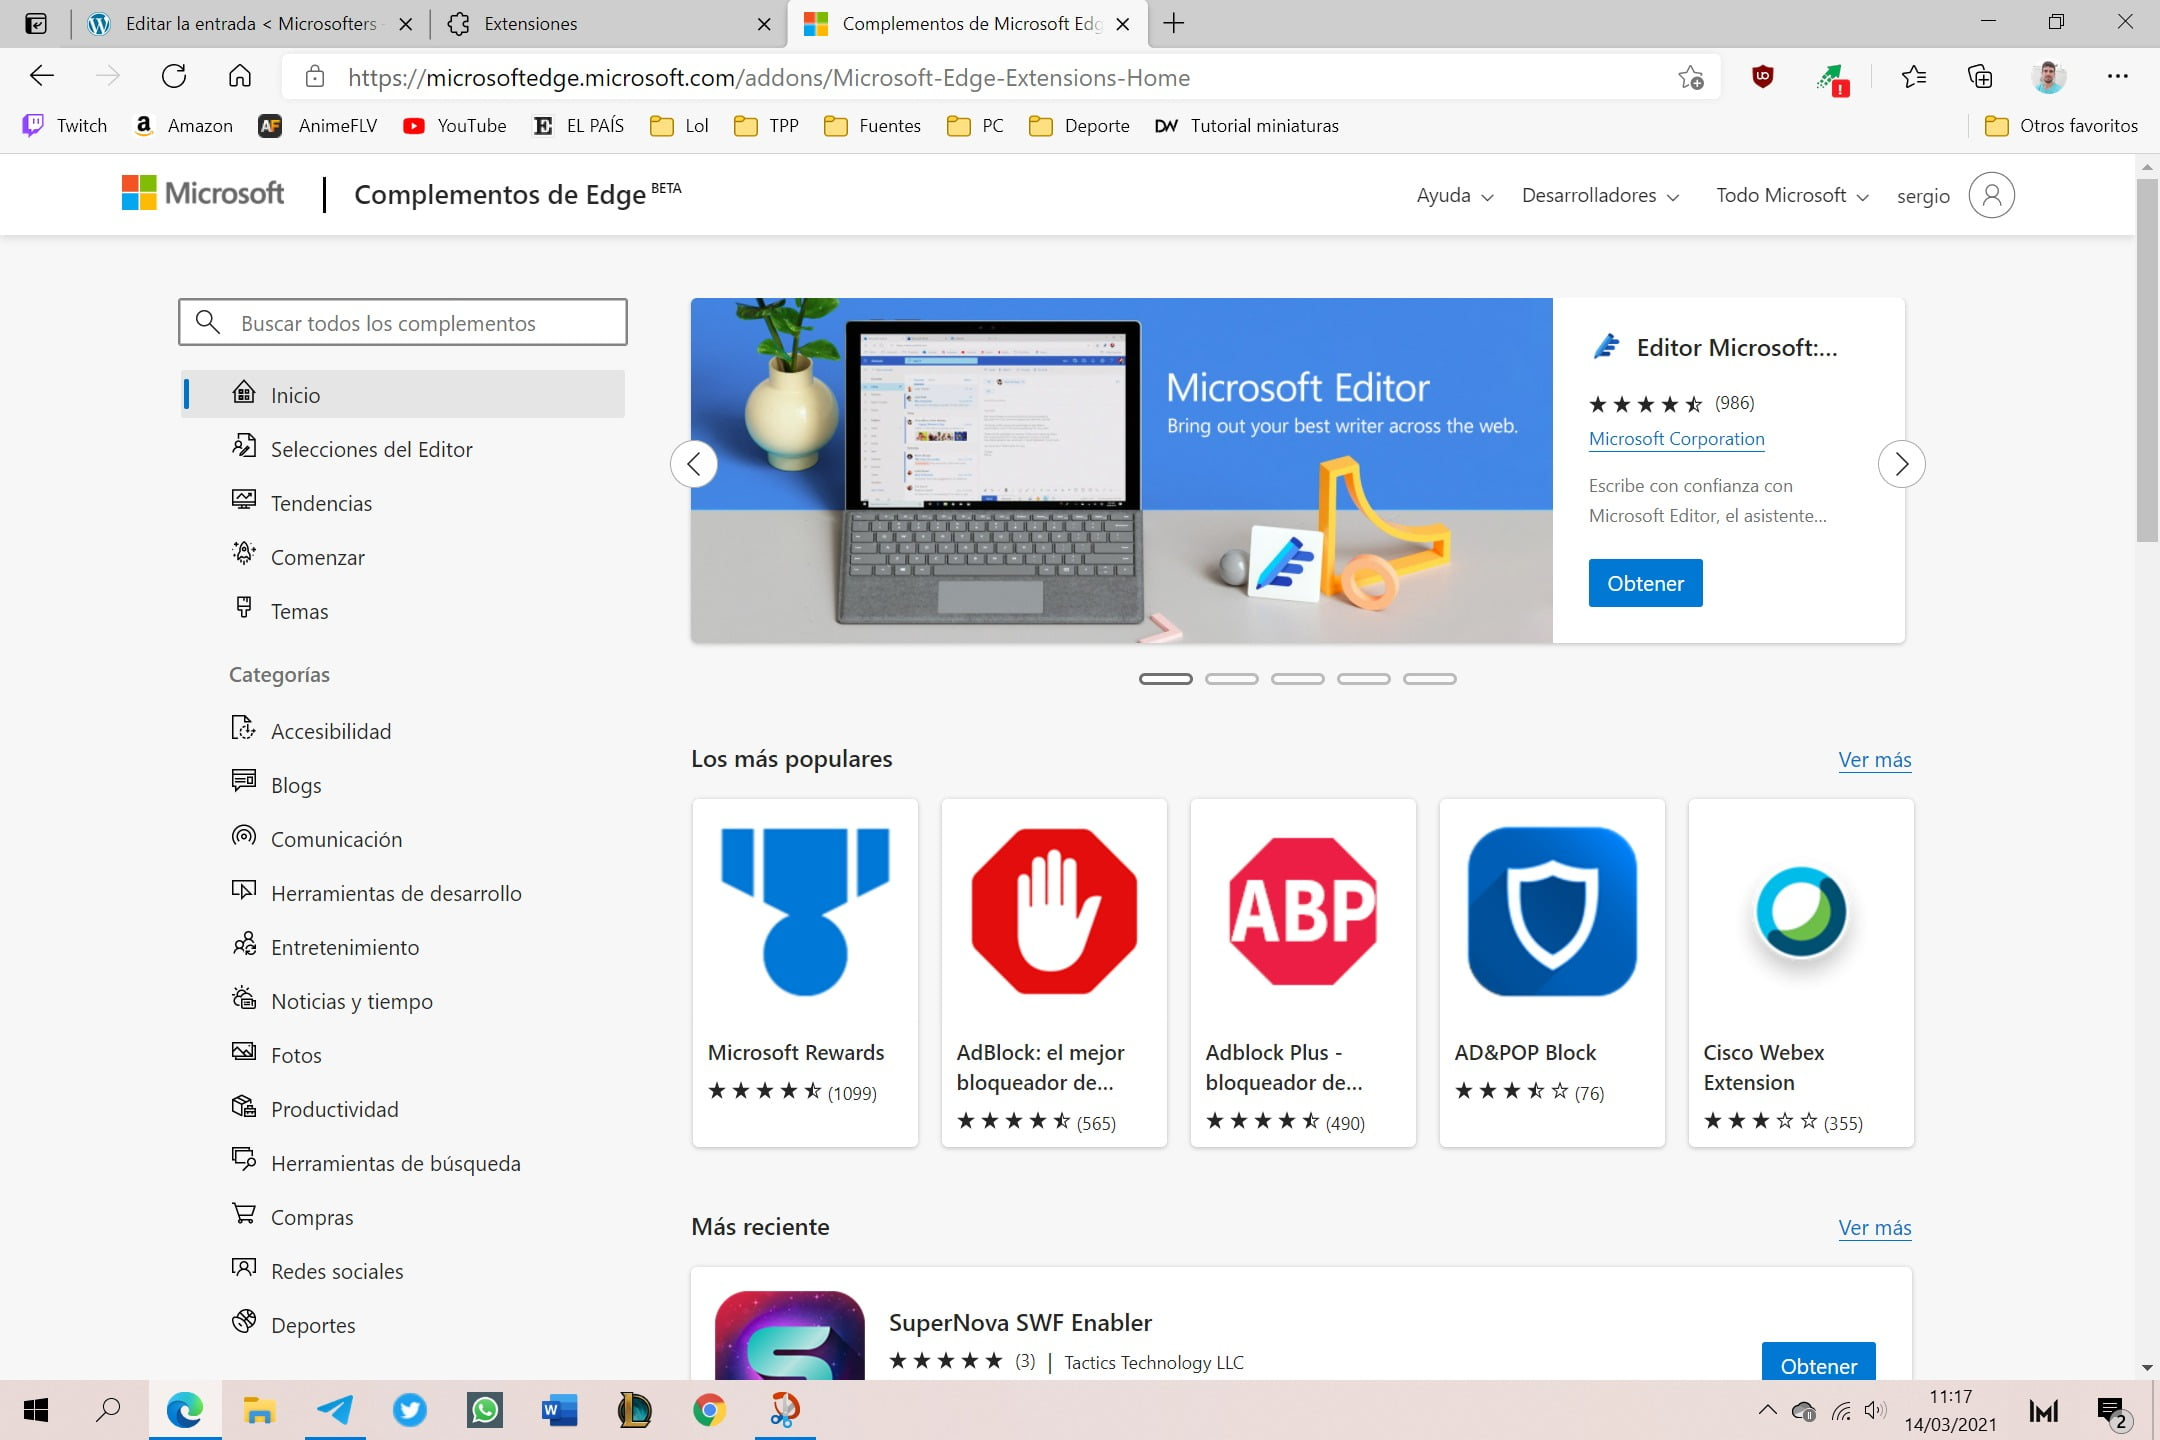 Tienda de extensiones de Microsoft Edge